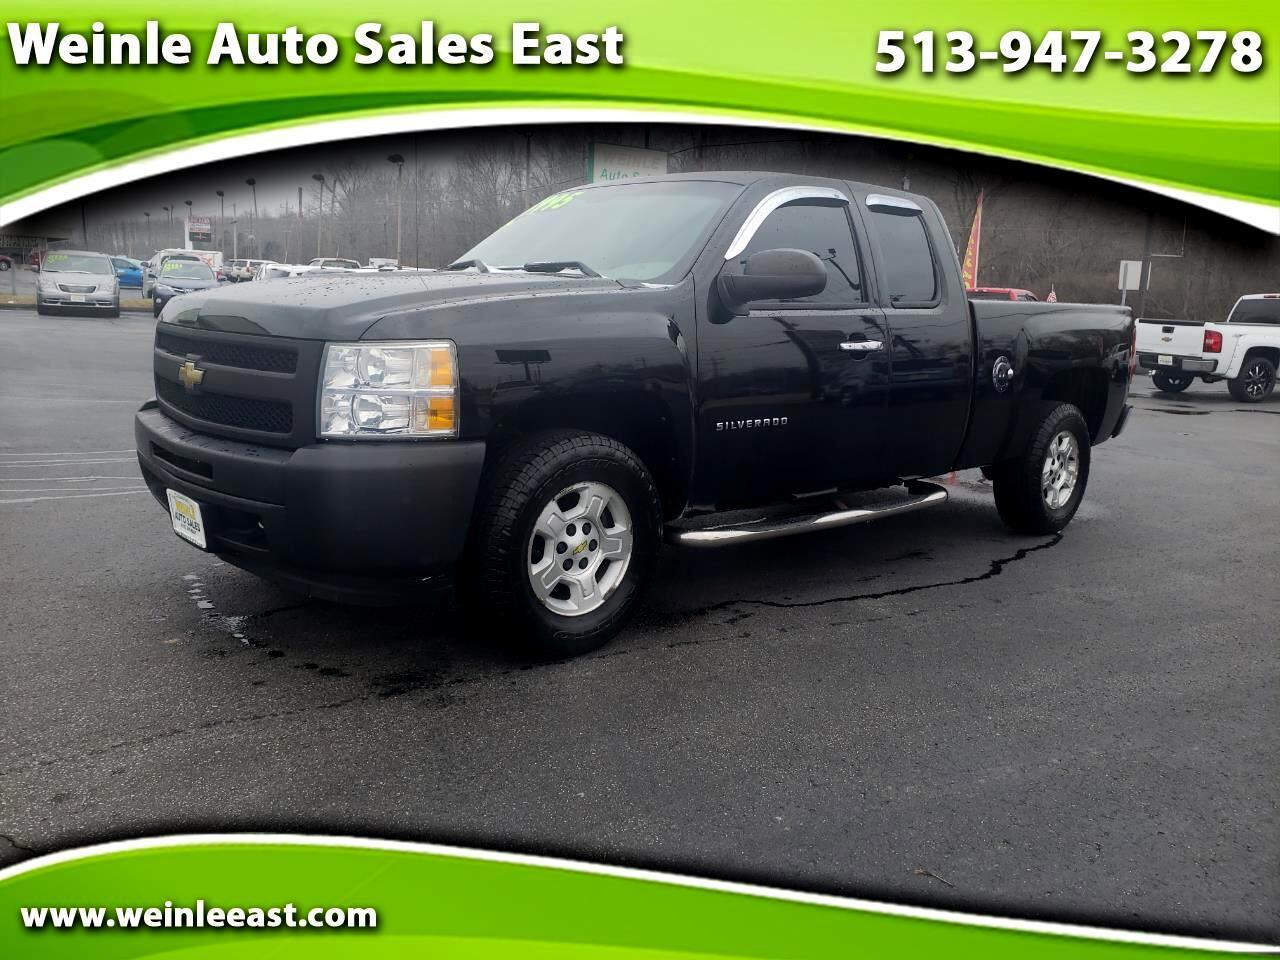 2011 Chevrolet Silverado 1500 2WD Ext Cab 143.5